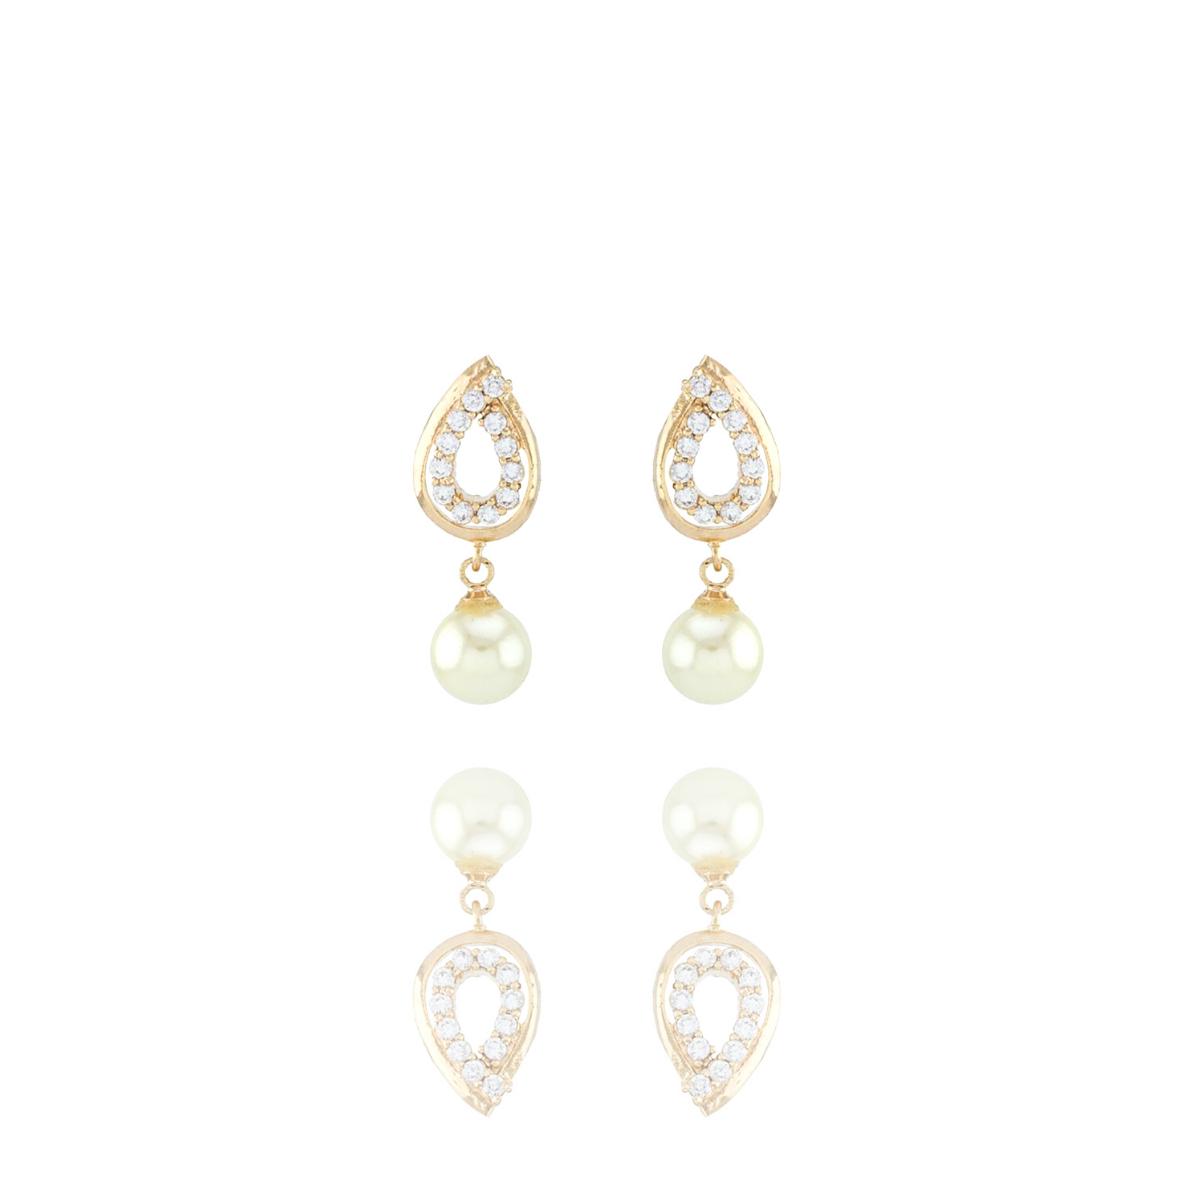 Brinco Barbara Strauss Cálcis Em Pérola Lalique E Zircônia, Revestido Em Ouro 18K